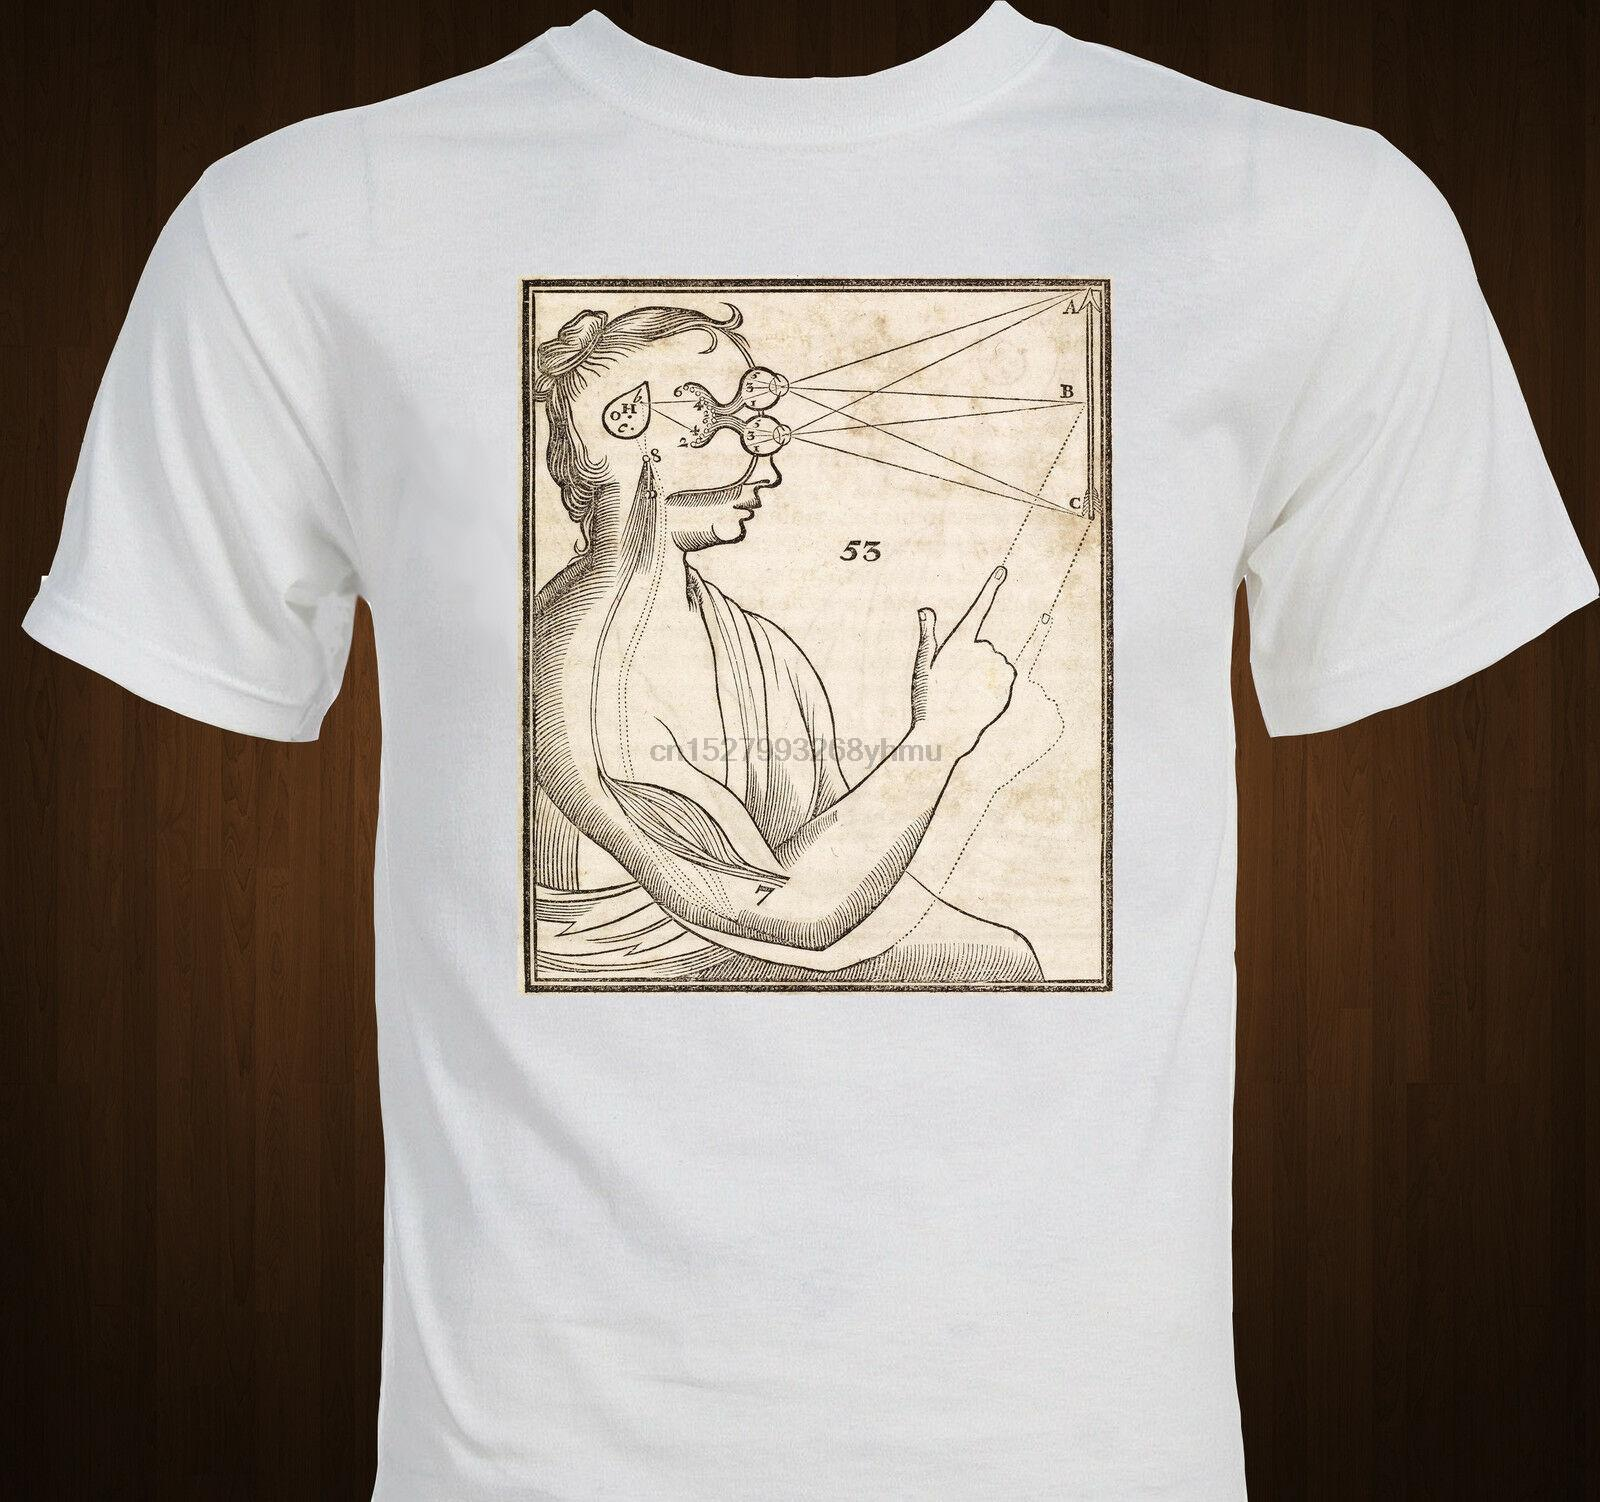 Вершины тенниска Женщины 01 Король и Королева Kawaii Печать Женский Подписи Tshirt